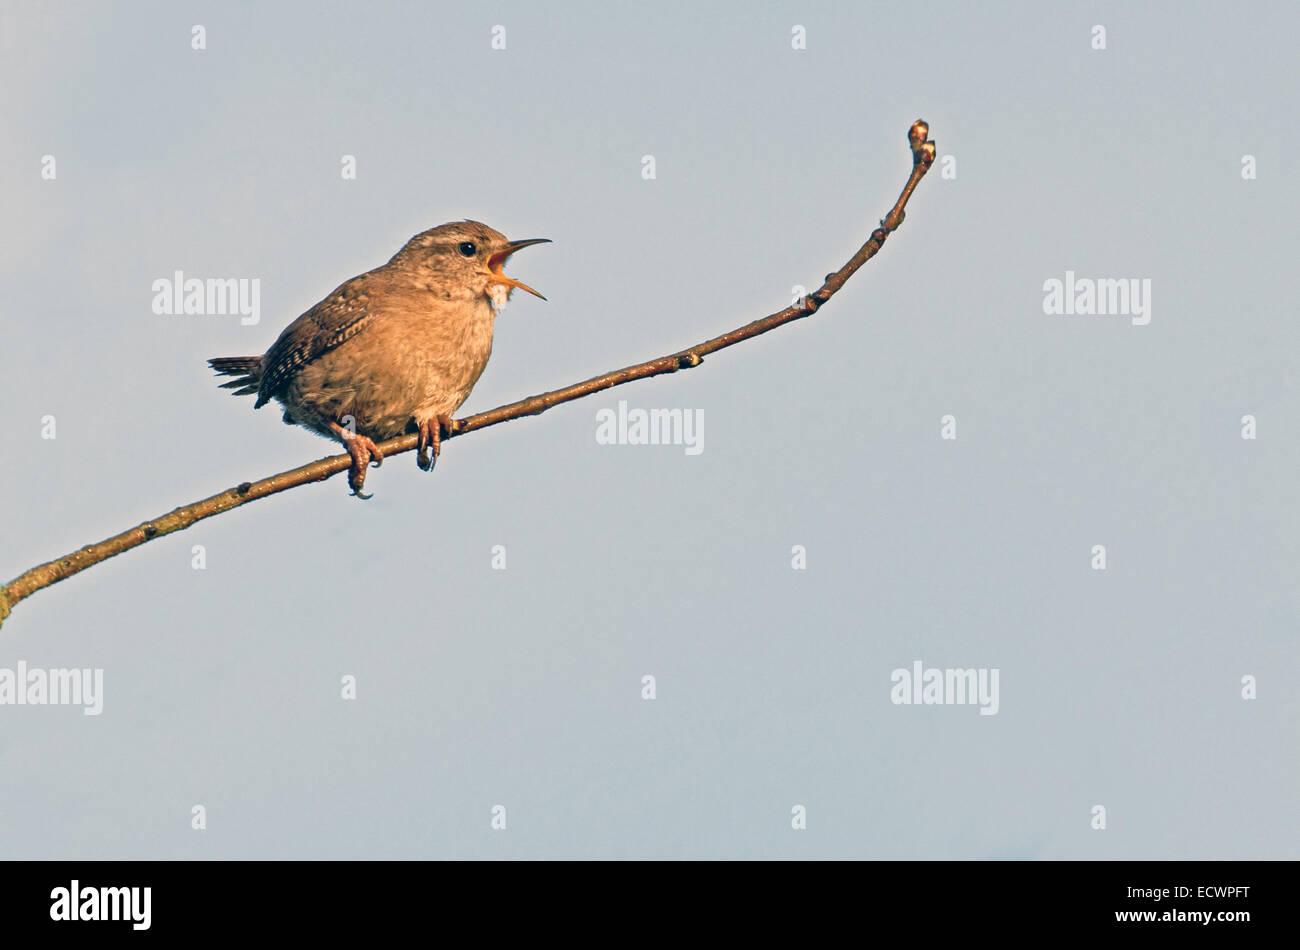 Wren-Troglodytes troglodytes, sings during spring. Uk, - Stock Image